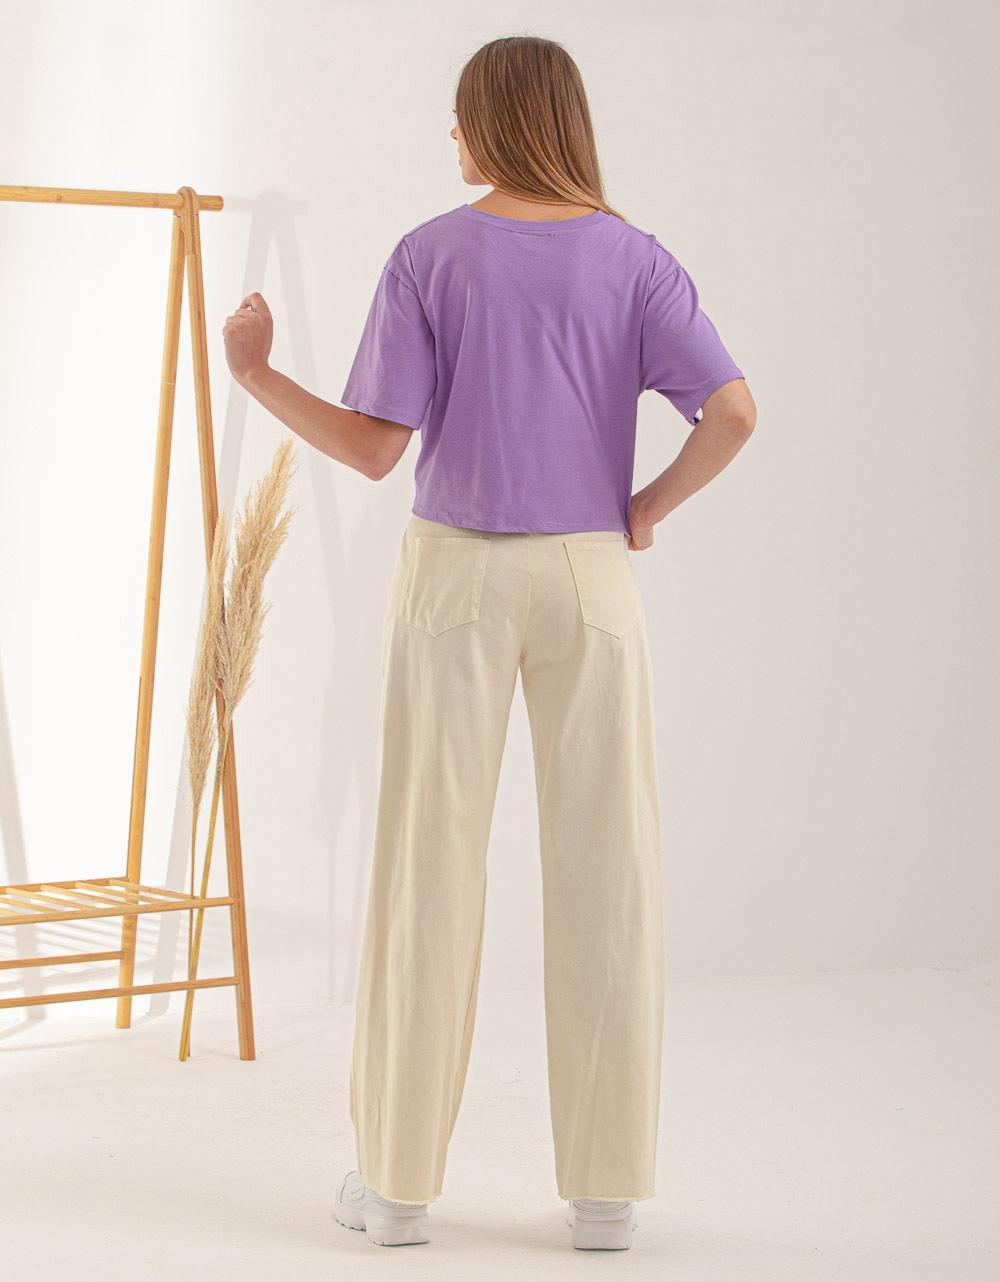 Εικόνα από Γυναικεία κοντομάνικη μπλούζα basic Μωβ